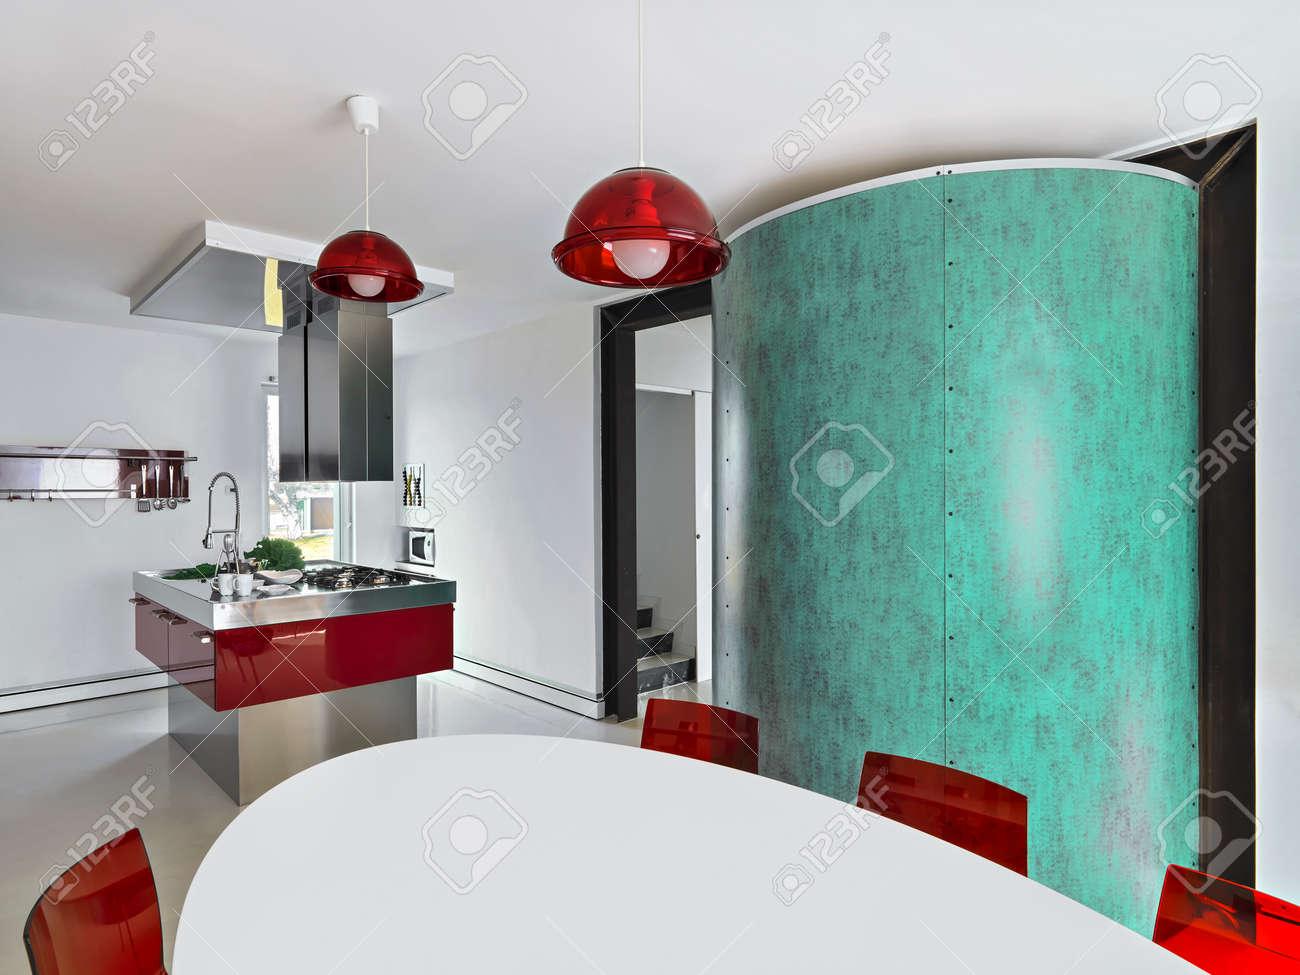 Innenansicht Einer Roten Moderne Küche Mit Kochinsel Und Esstisch  Standard Bild   51843898